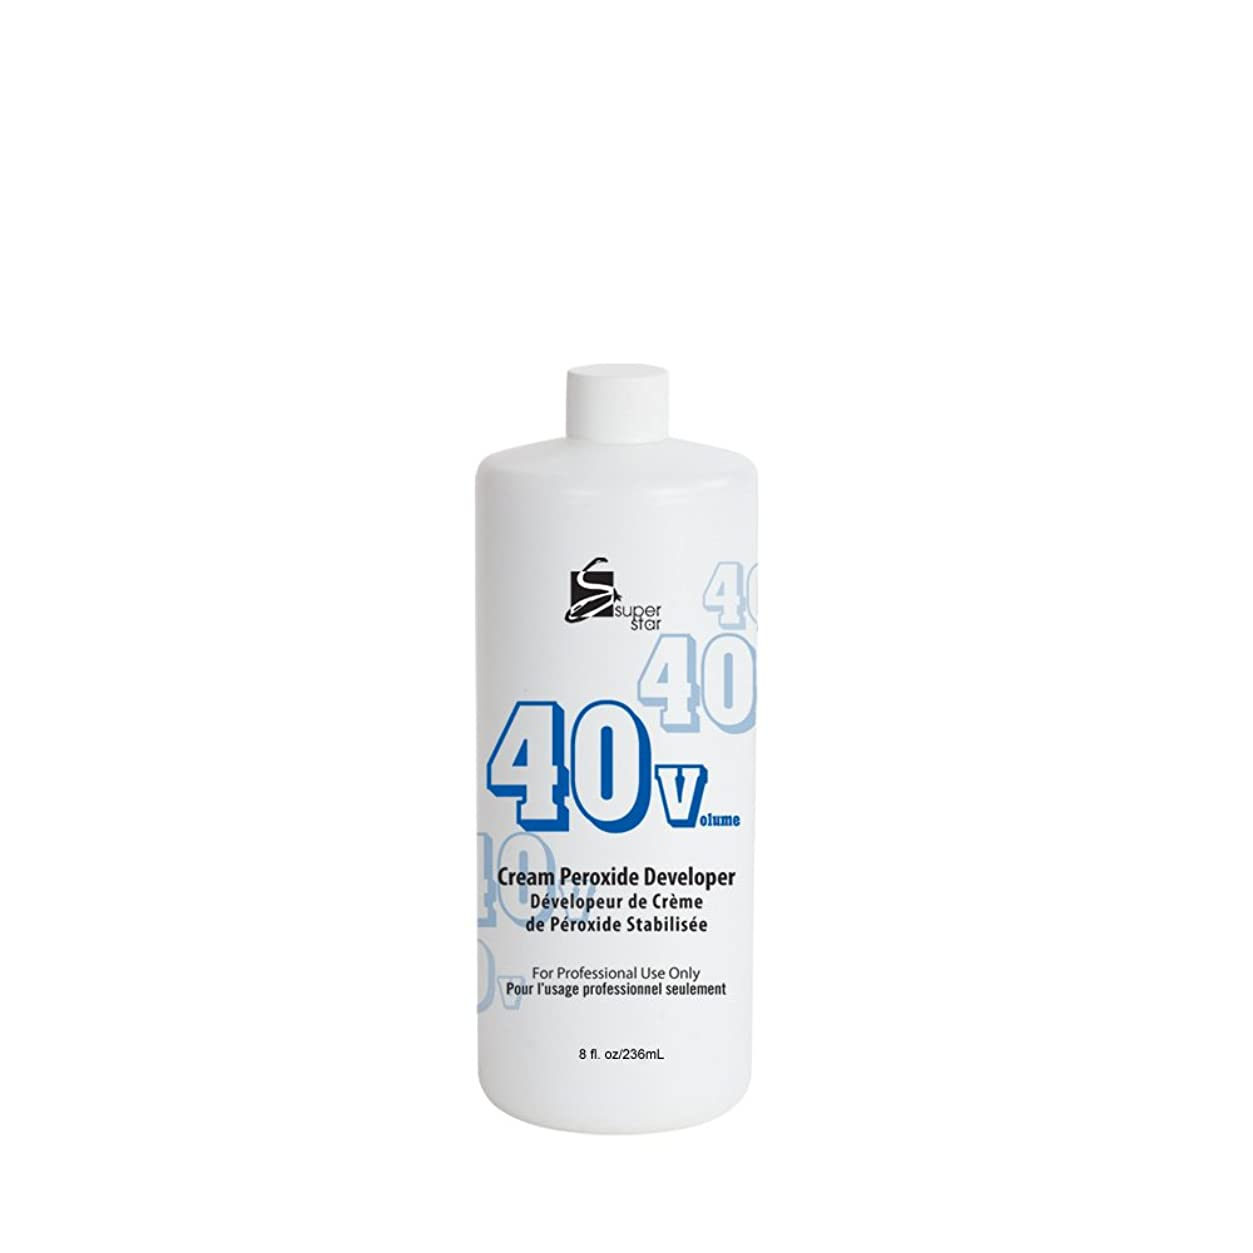 Marianna Beauty Accessories SUPER STAR安定化クリーム過酸化物デベロッパー40V HC-50401